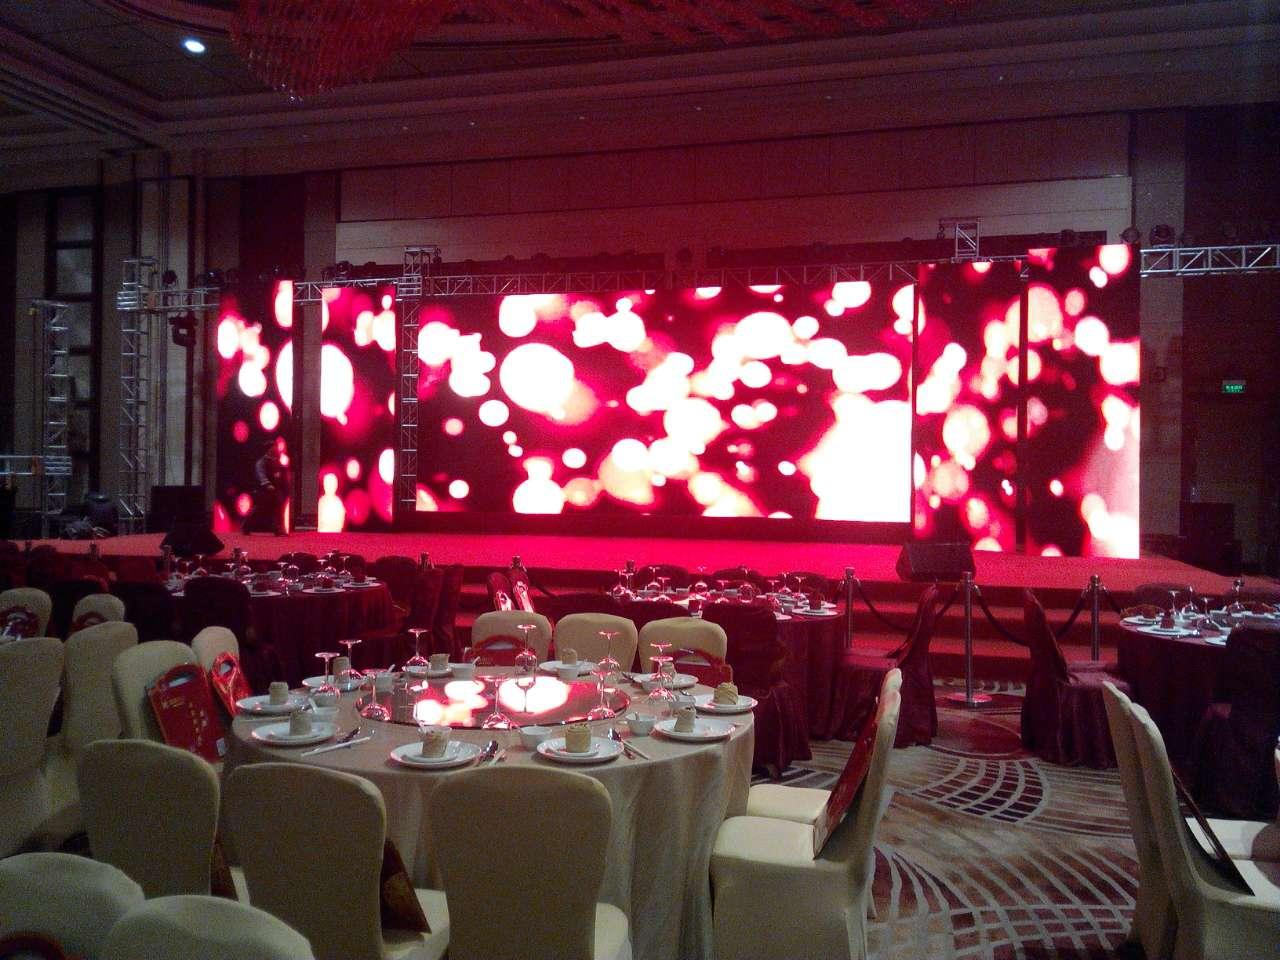 苏州庆典公司、年会策划、活动策划、舞台灯光音响租赁-上海音响 上